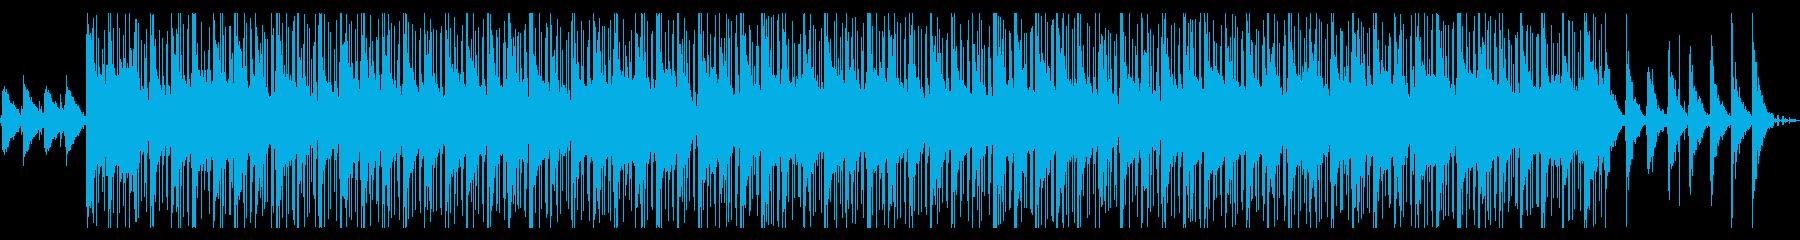 mellow yellowの再生済みの波形